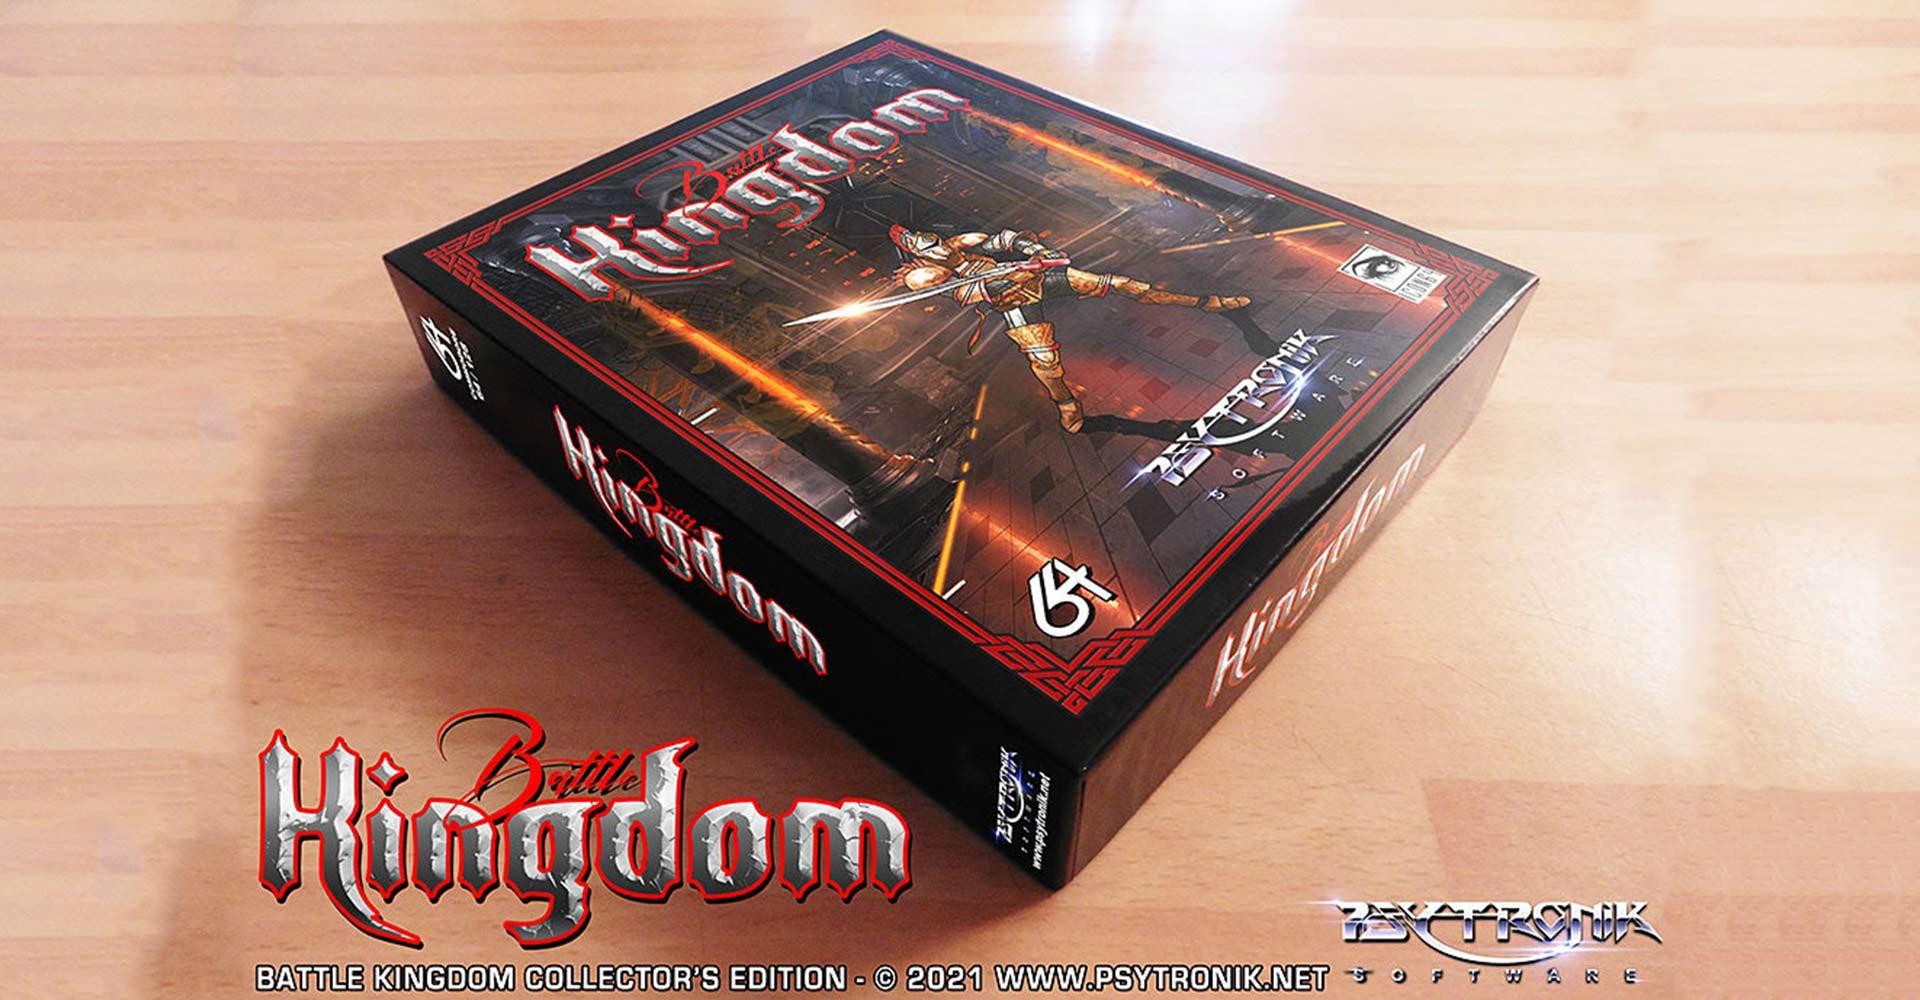 Battle Kingdom: Ein aufregendes neues C64-Action-Abenteuer, das sich durchaus lohnt